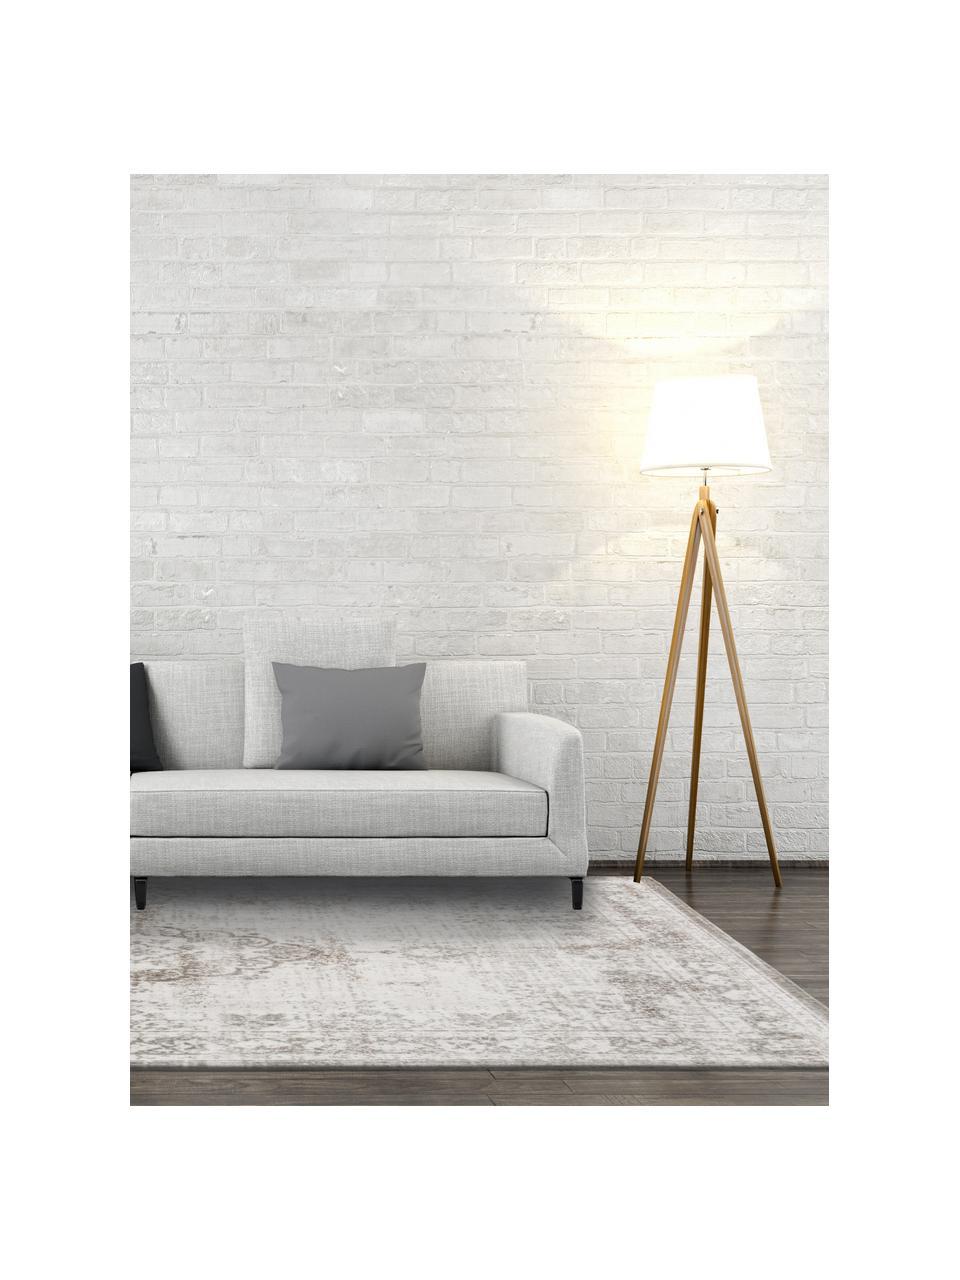 Dywan szenilowy w stylu vintage Medaillon, Jasny szary, brązowy, S 170 x D 240 cm (Rozmiar M)